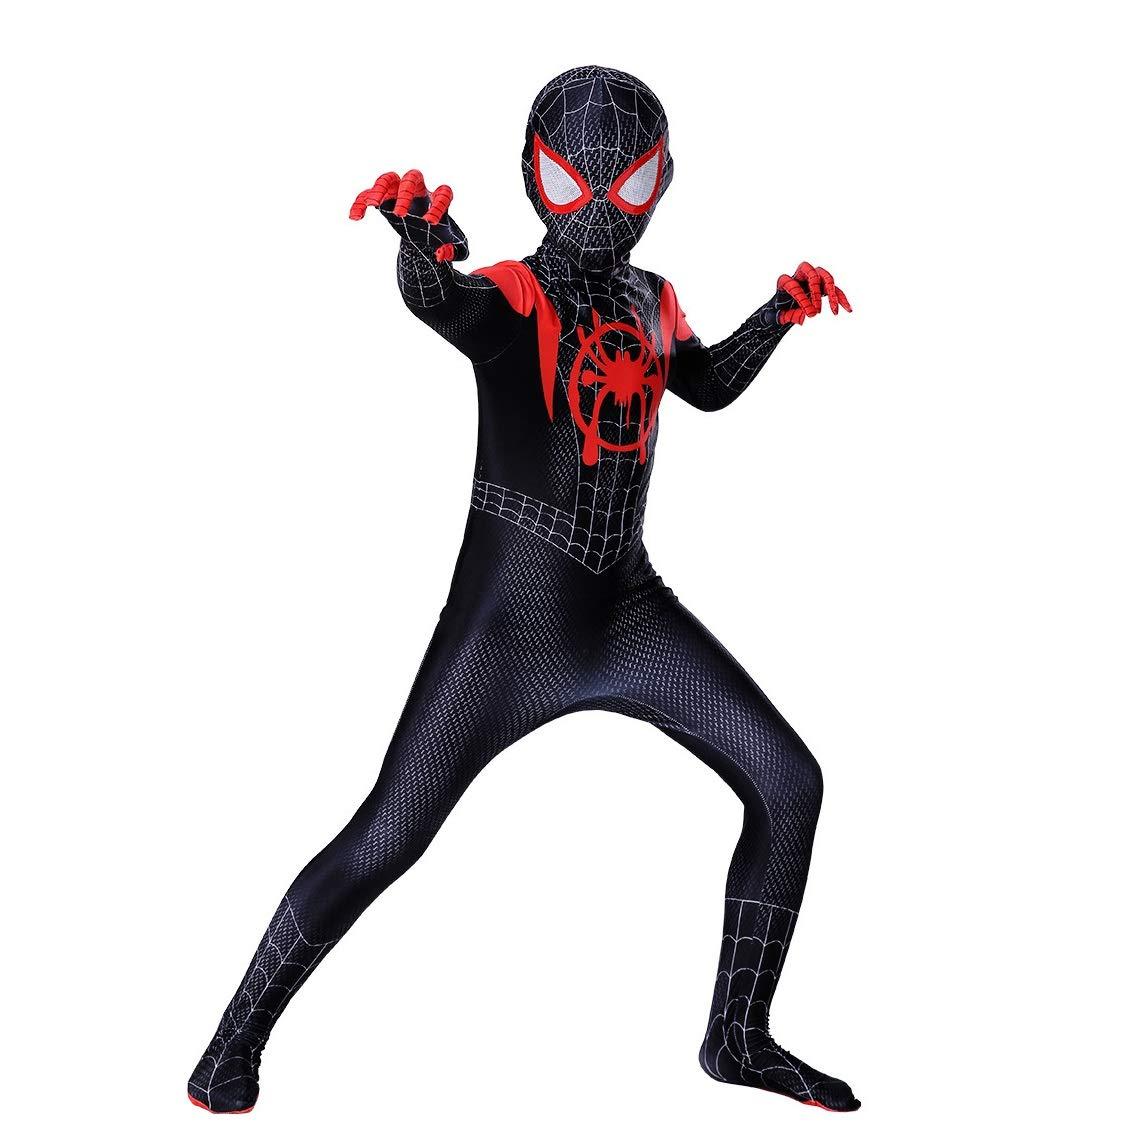 Diudiul Spiderman Traje de Superhéroe Traje Traje Cosplay Zentai ...